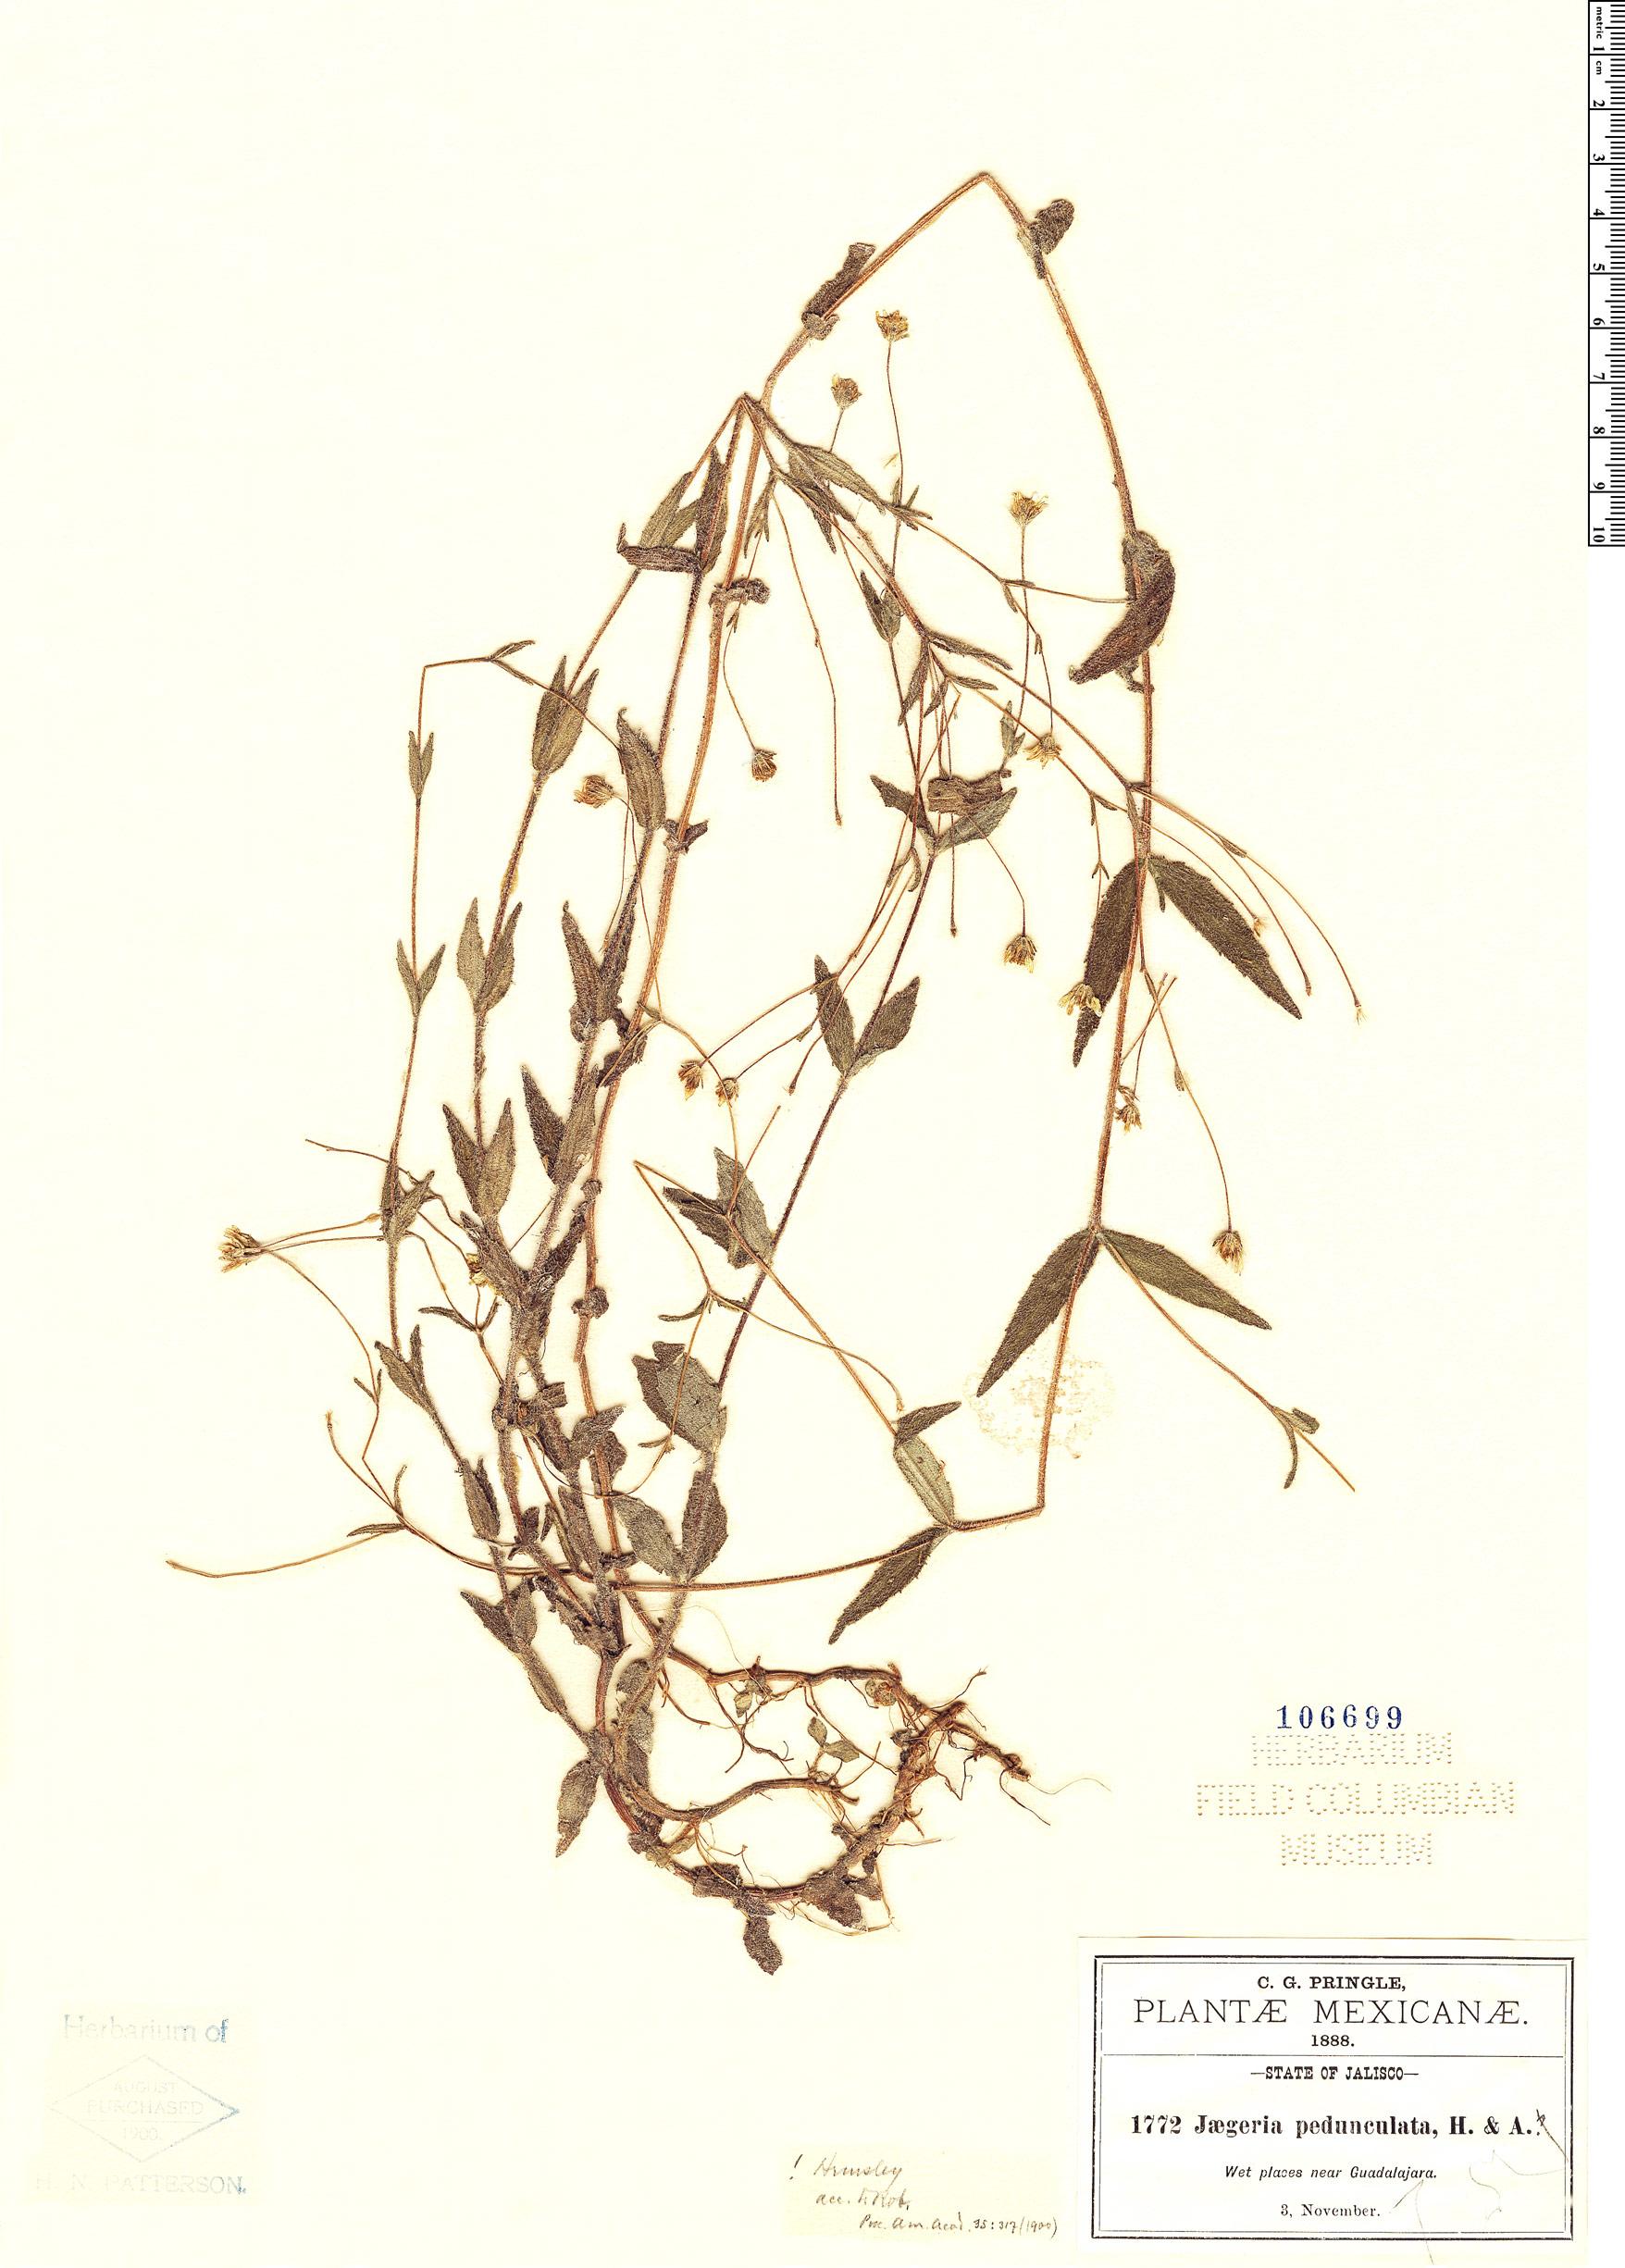 Specimen: Jaegeria pedunculata